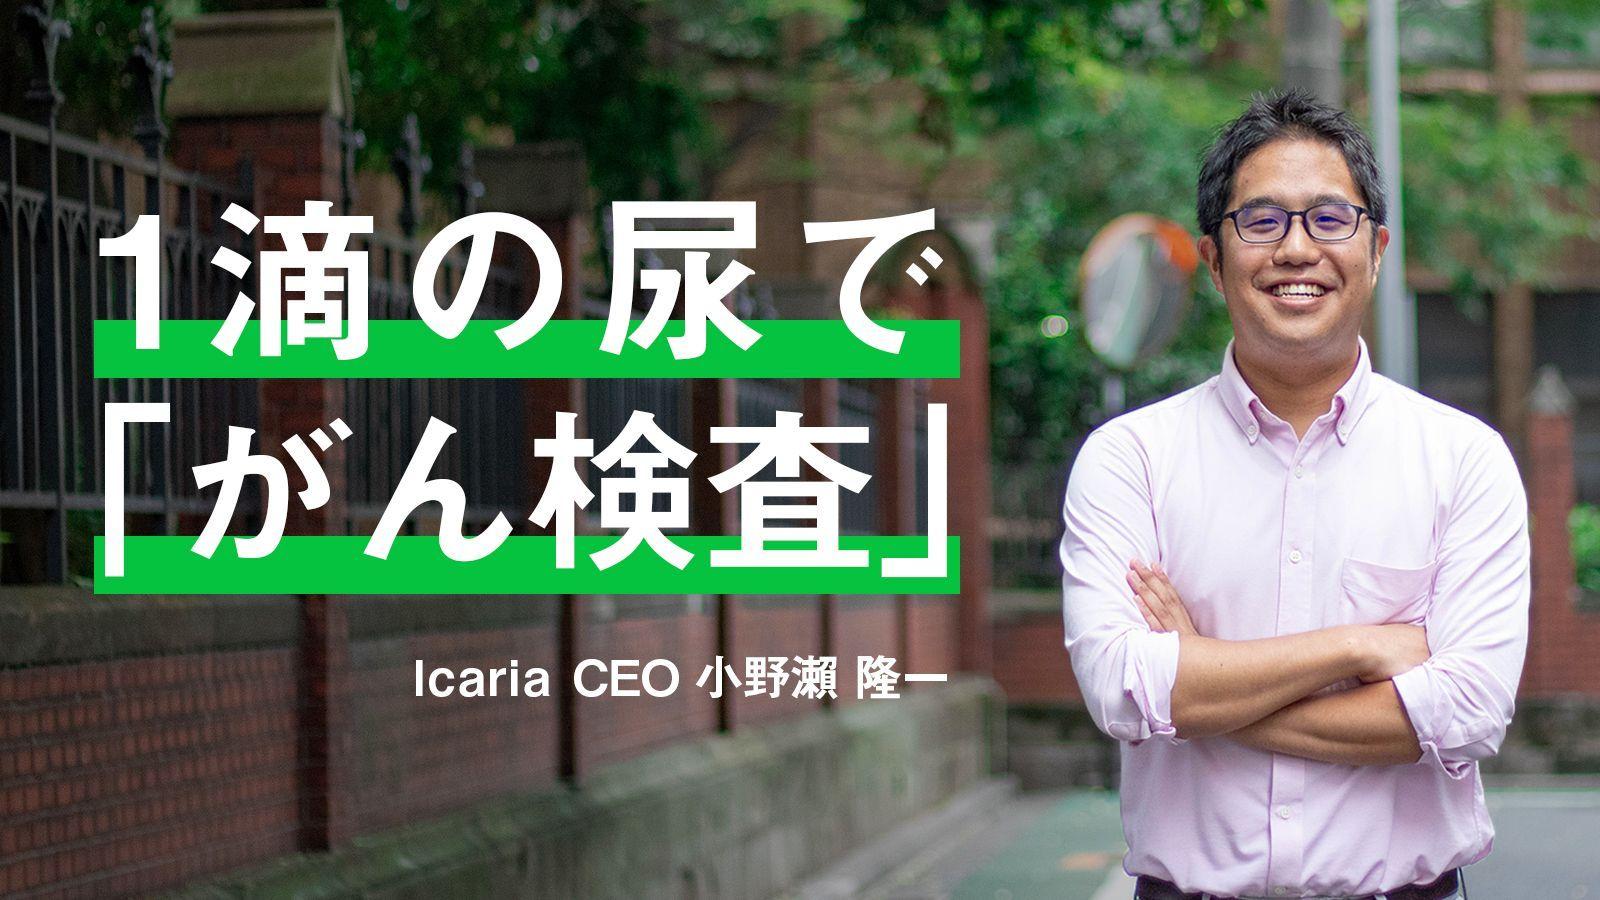 「がん」早期発見に革新を。2020年より実用化を予定、『Icaria』の衝撃